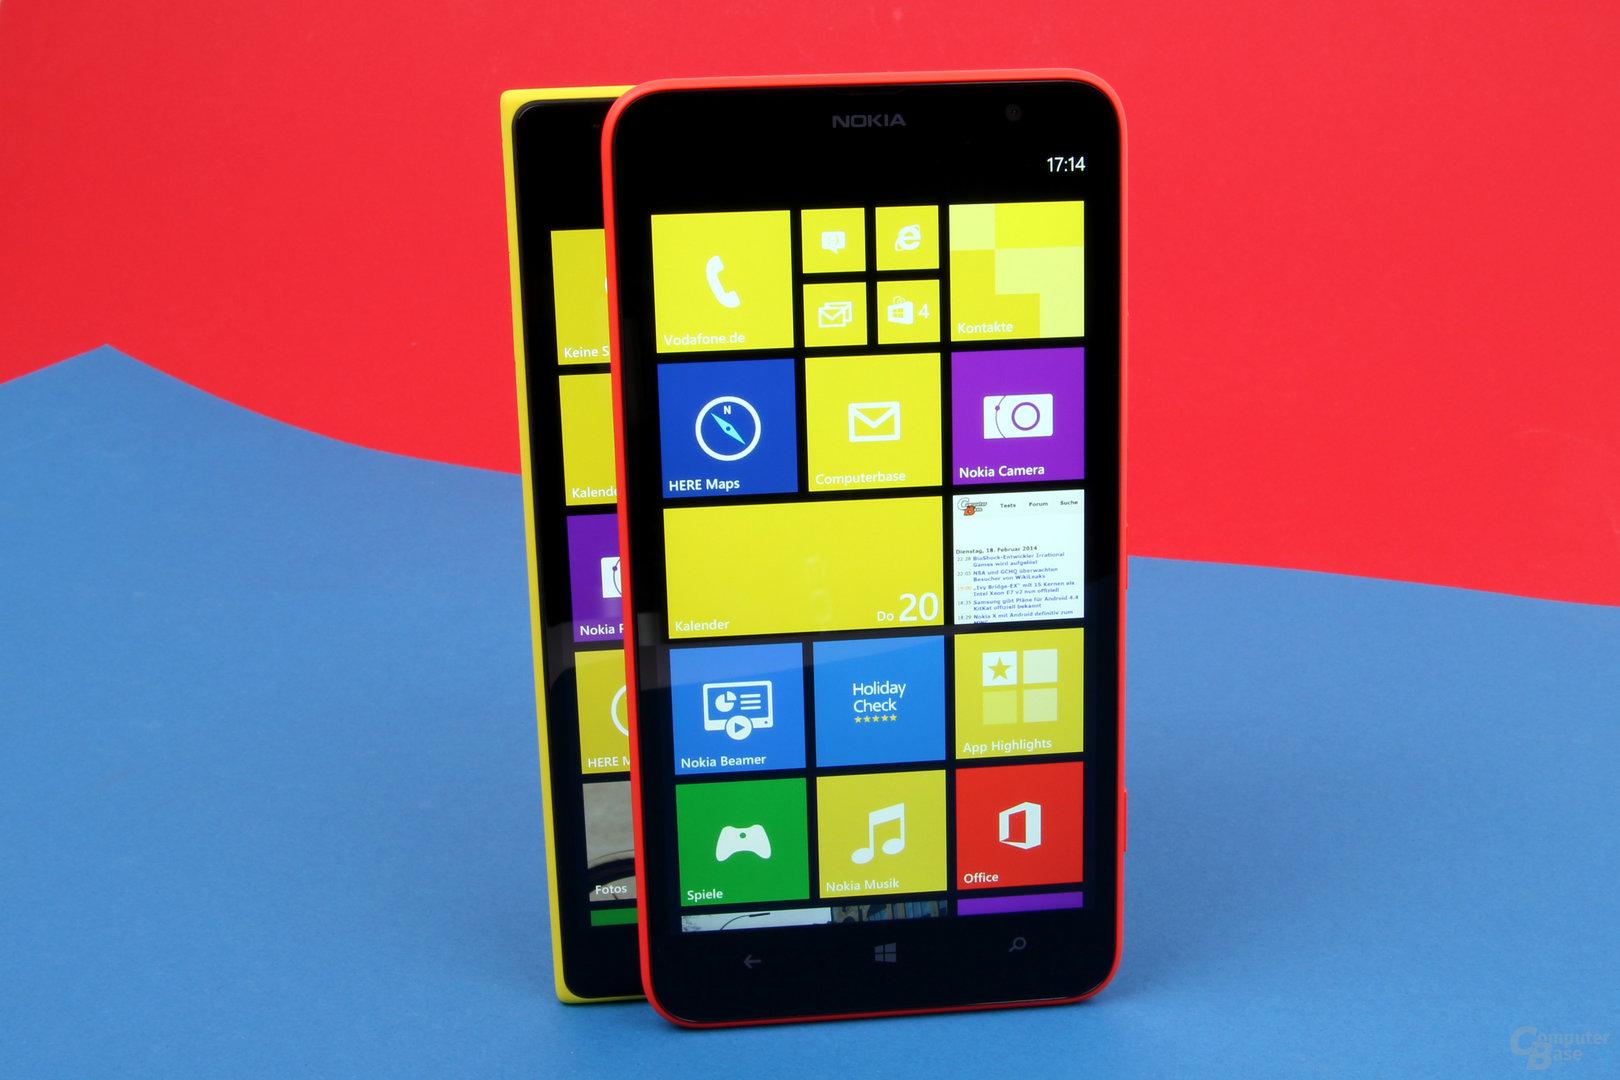 Sechs Zoll mal zwei: ähnlich gute Displays, das Lumia 1520 löst aber sichtbar höher auf